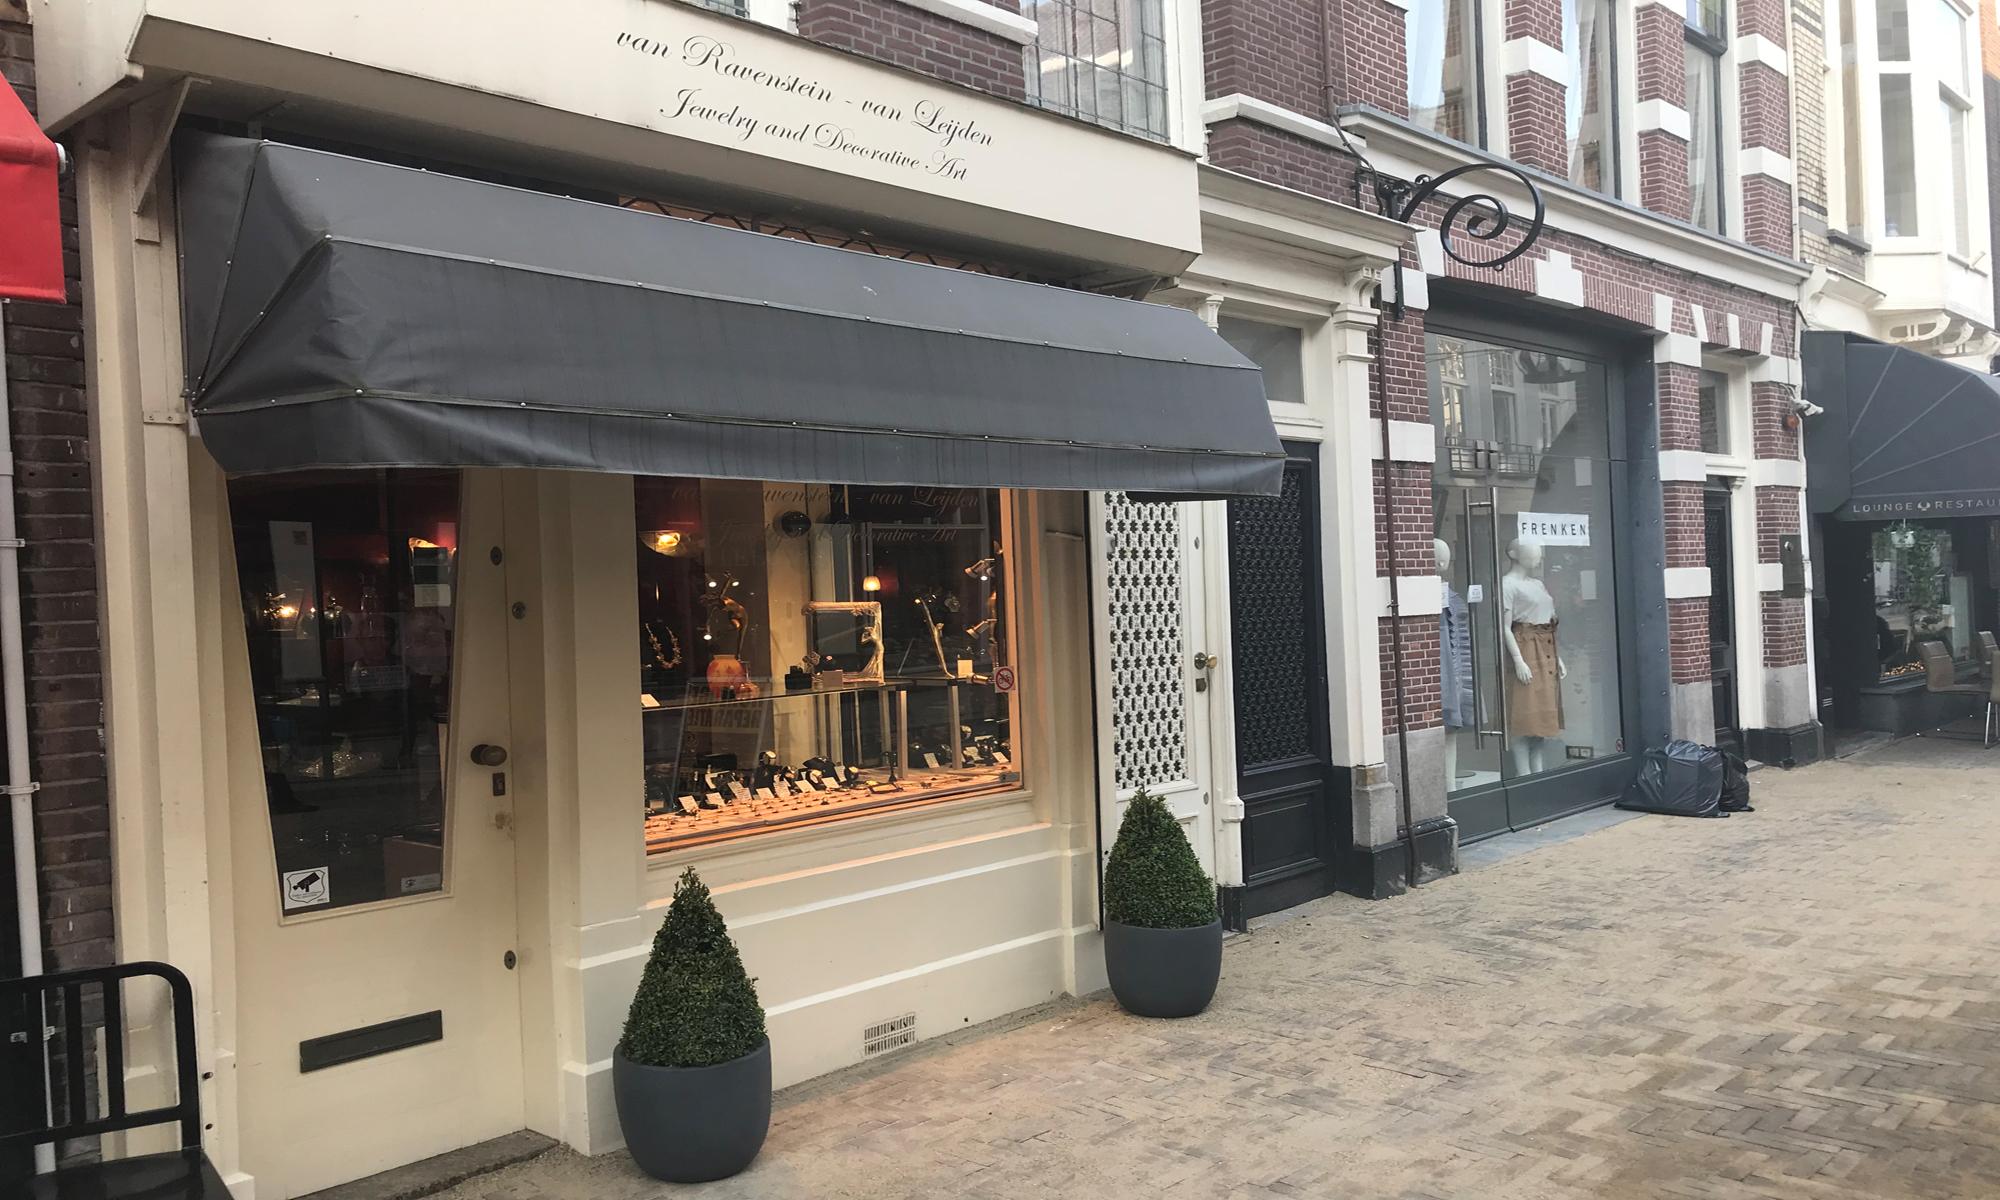 Sieraden Reparatie Den Haag